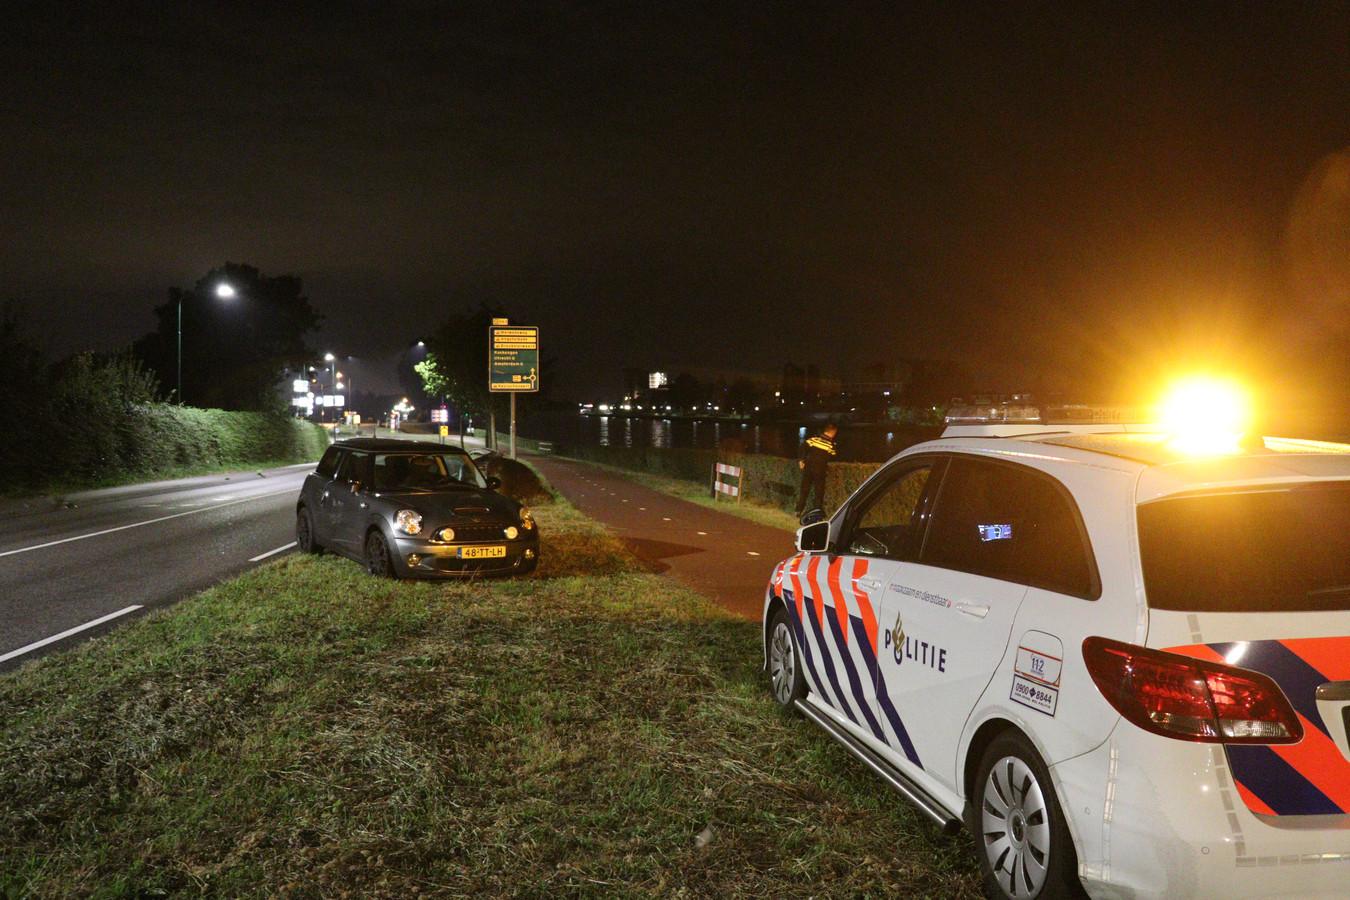 Politie vindt beschadigd voertuig langs de weg in Breukelen.